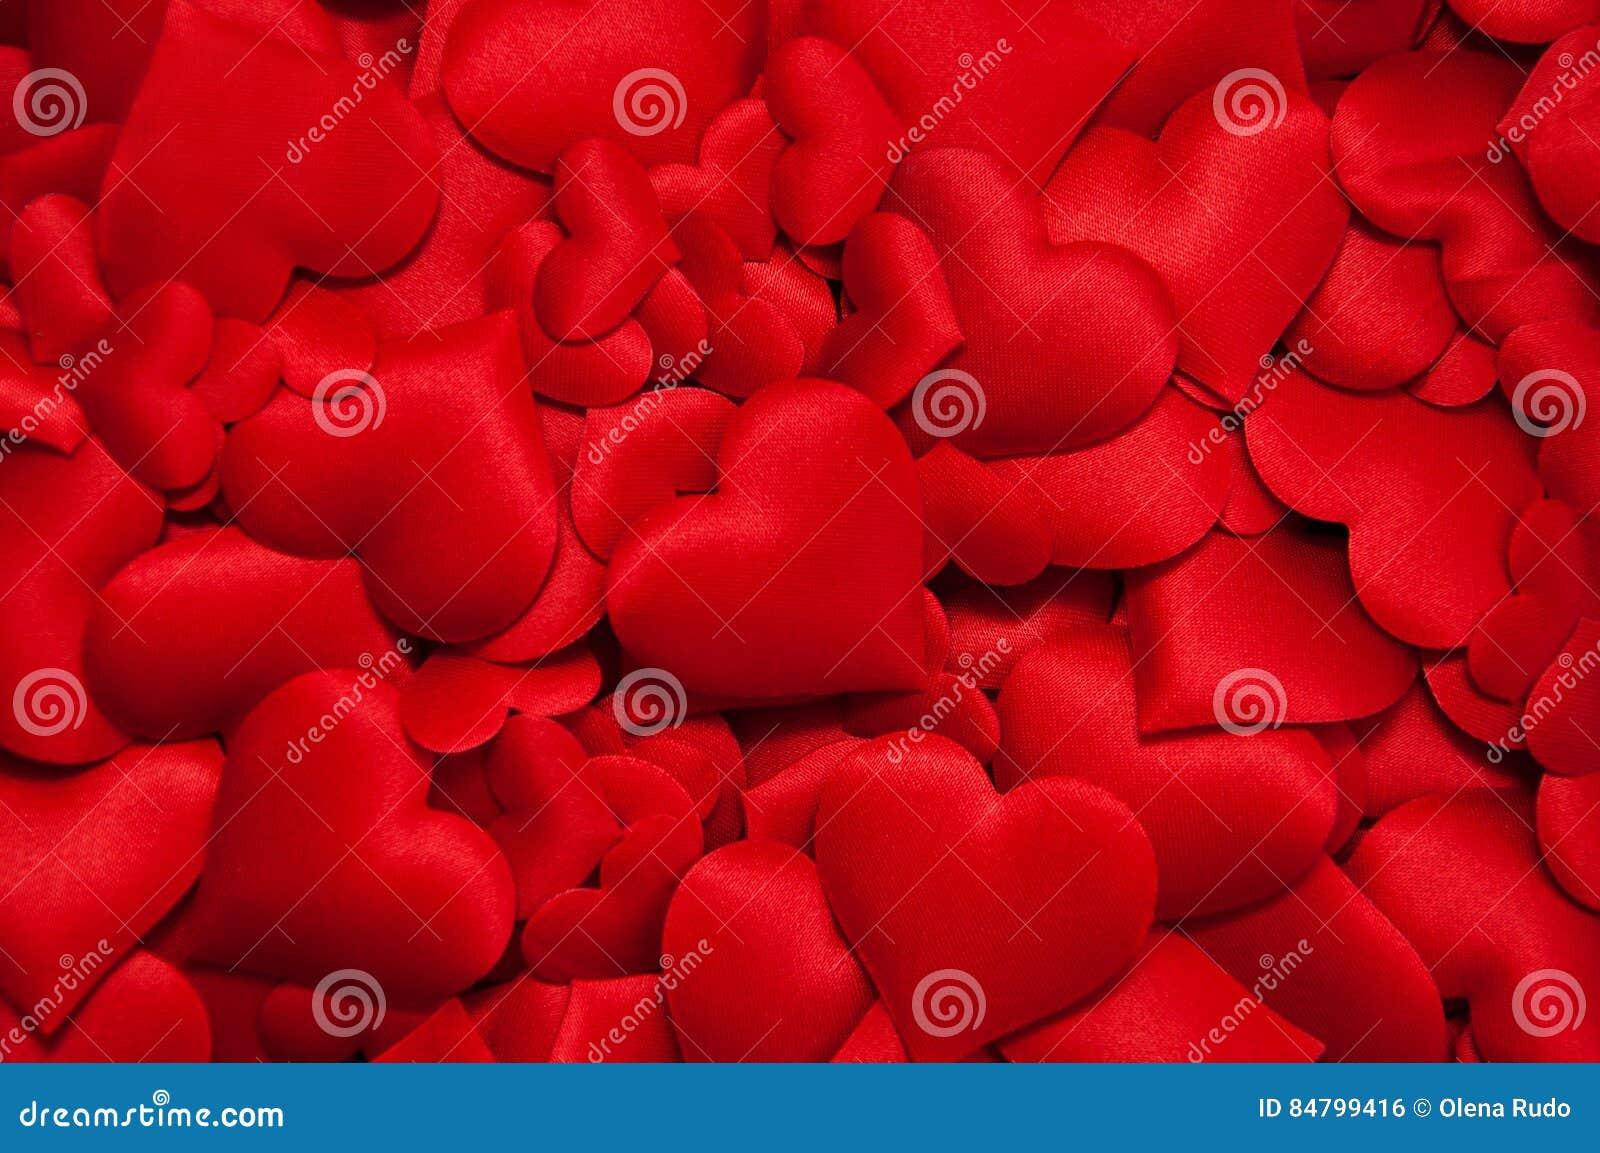 сердца много красный цвет